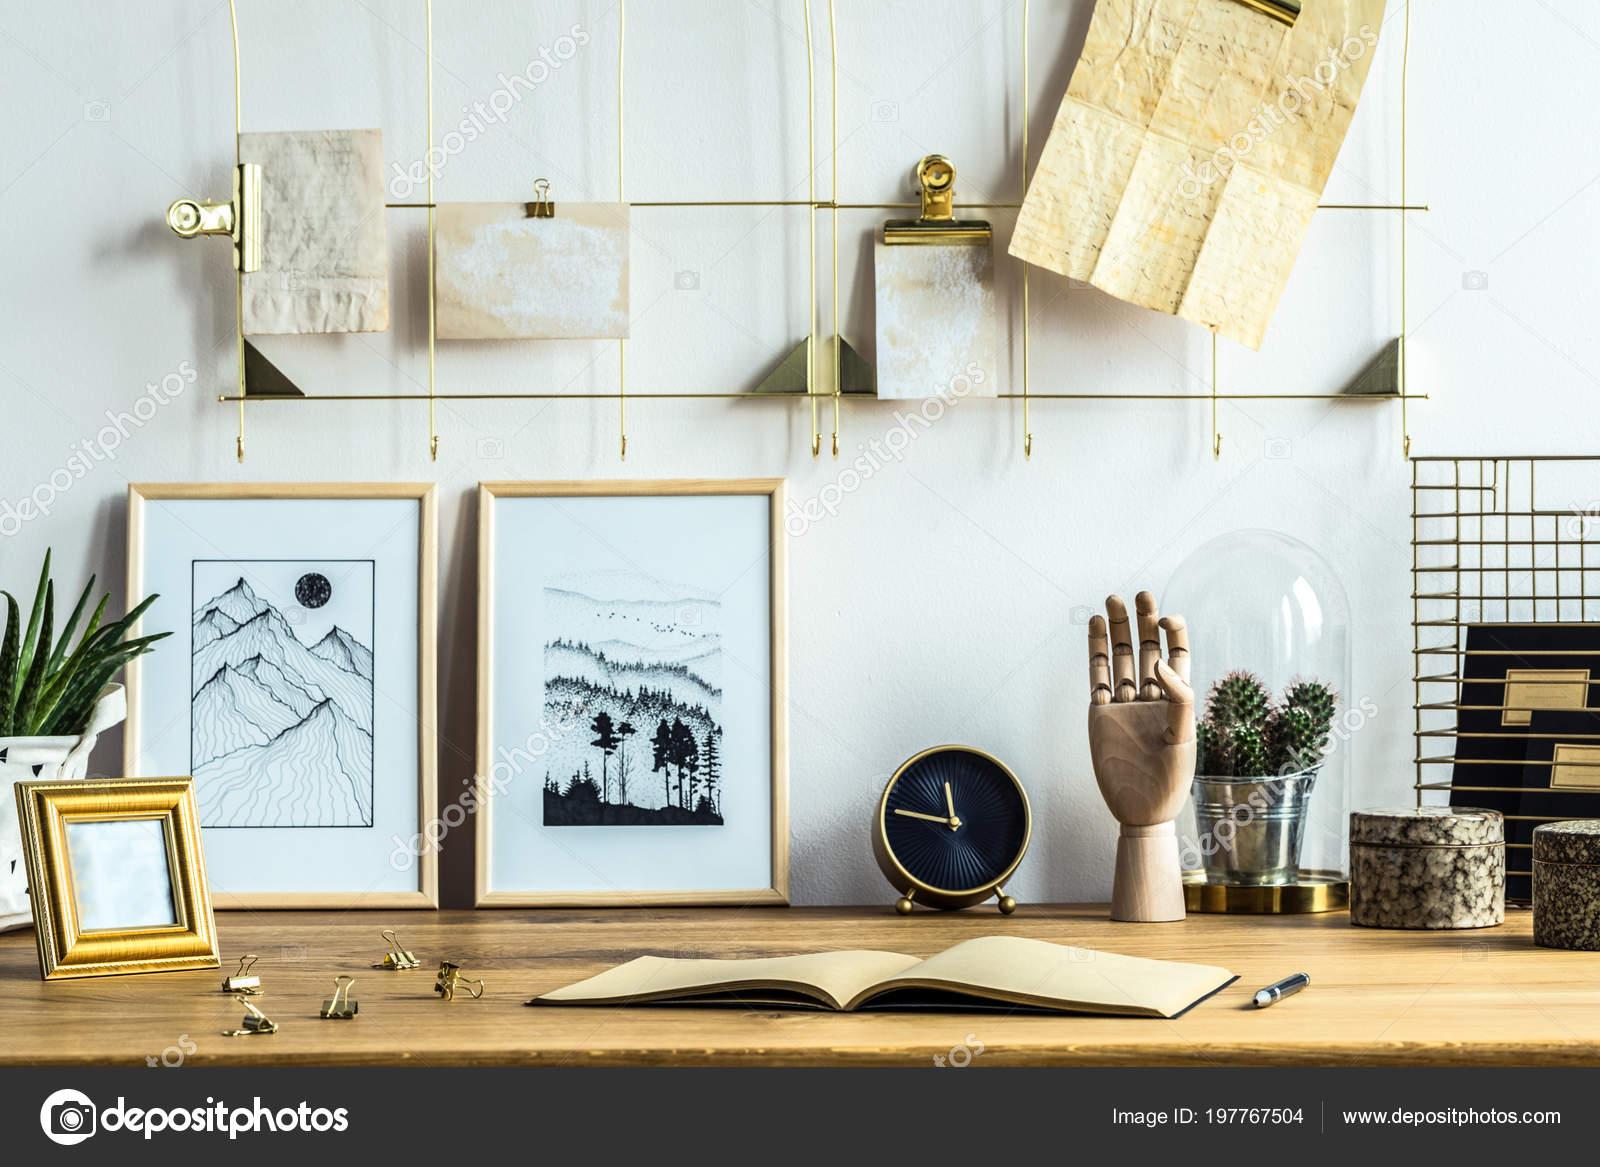 Portable affiches sur bureau bois intérieur bureau maison avec